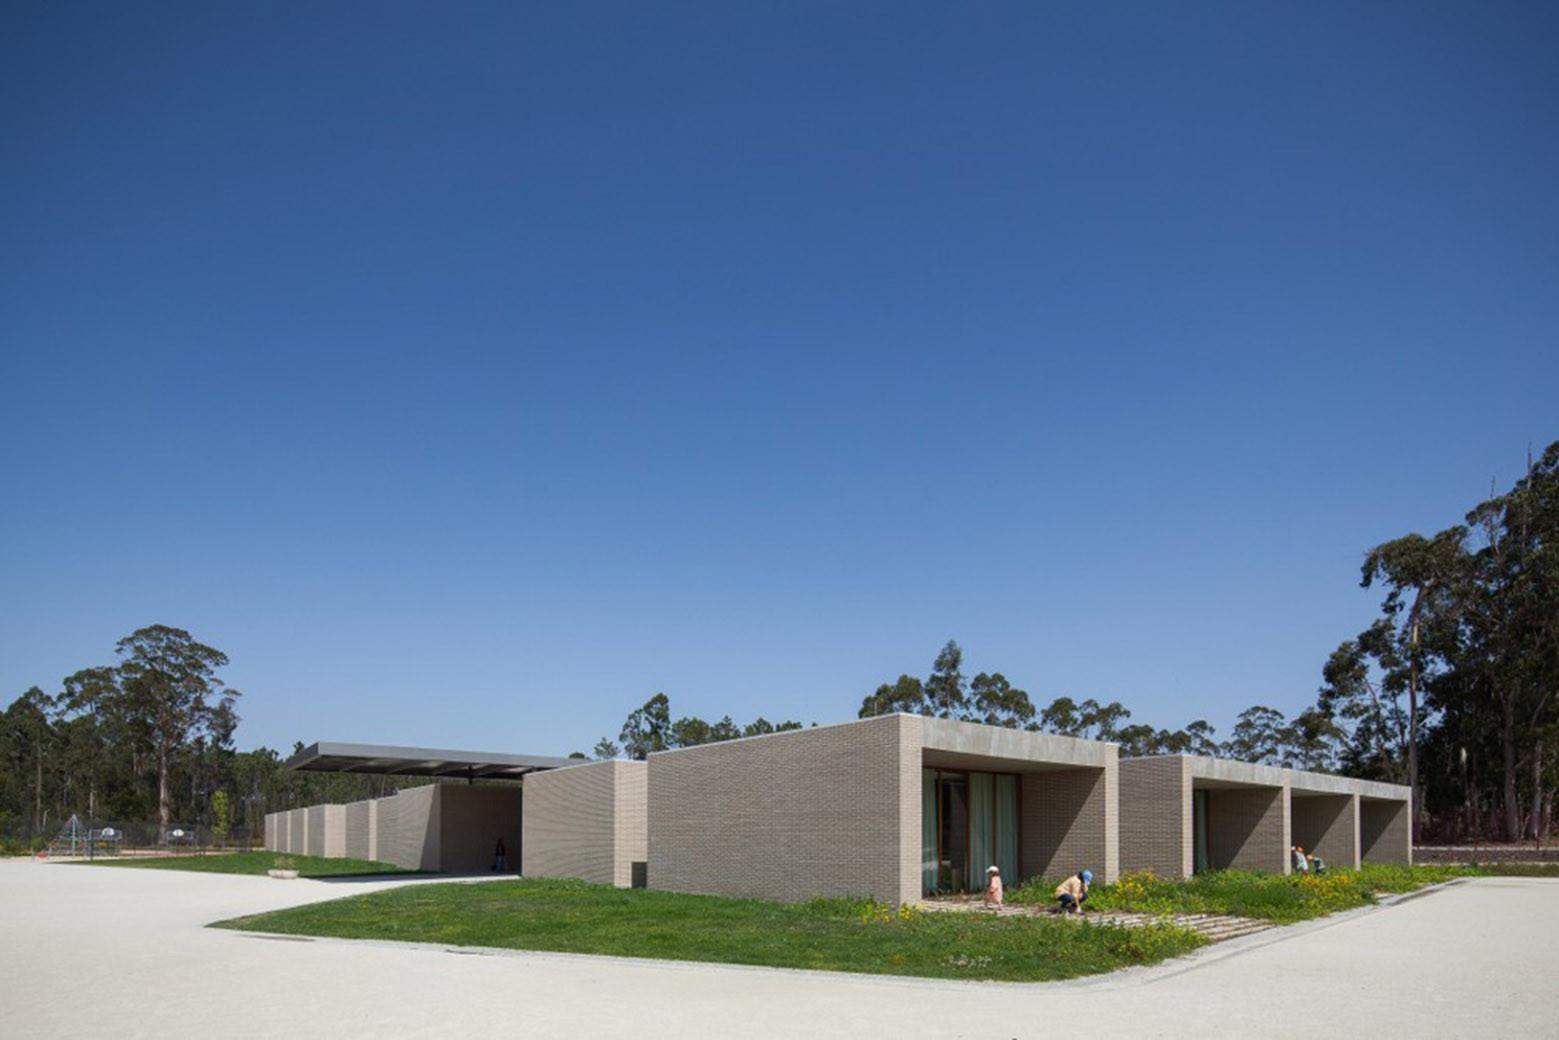 Centro Escolar Fonte de Angeão / Miguel Marcelino, © José Campos